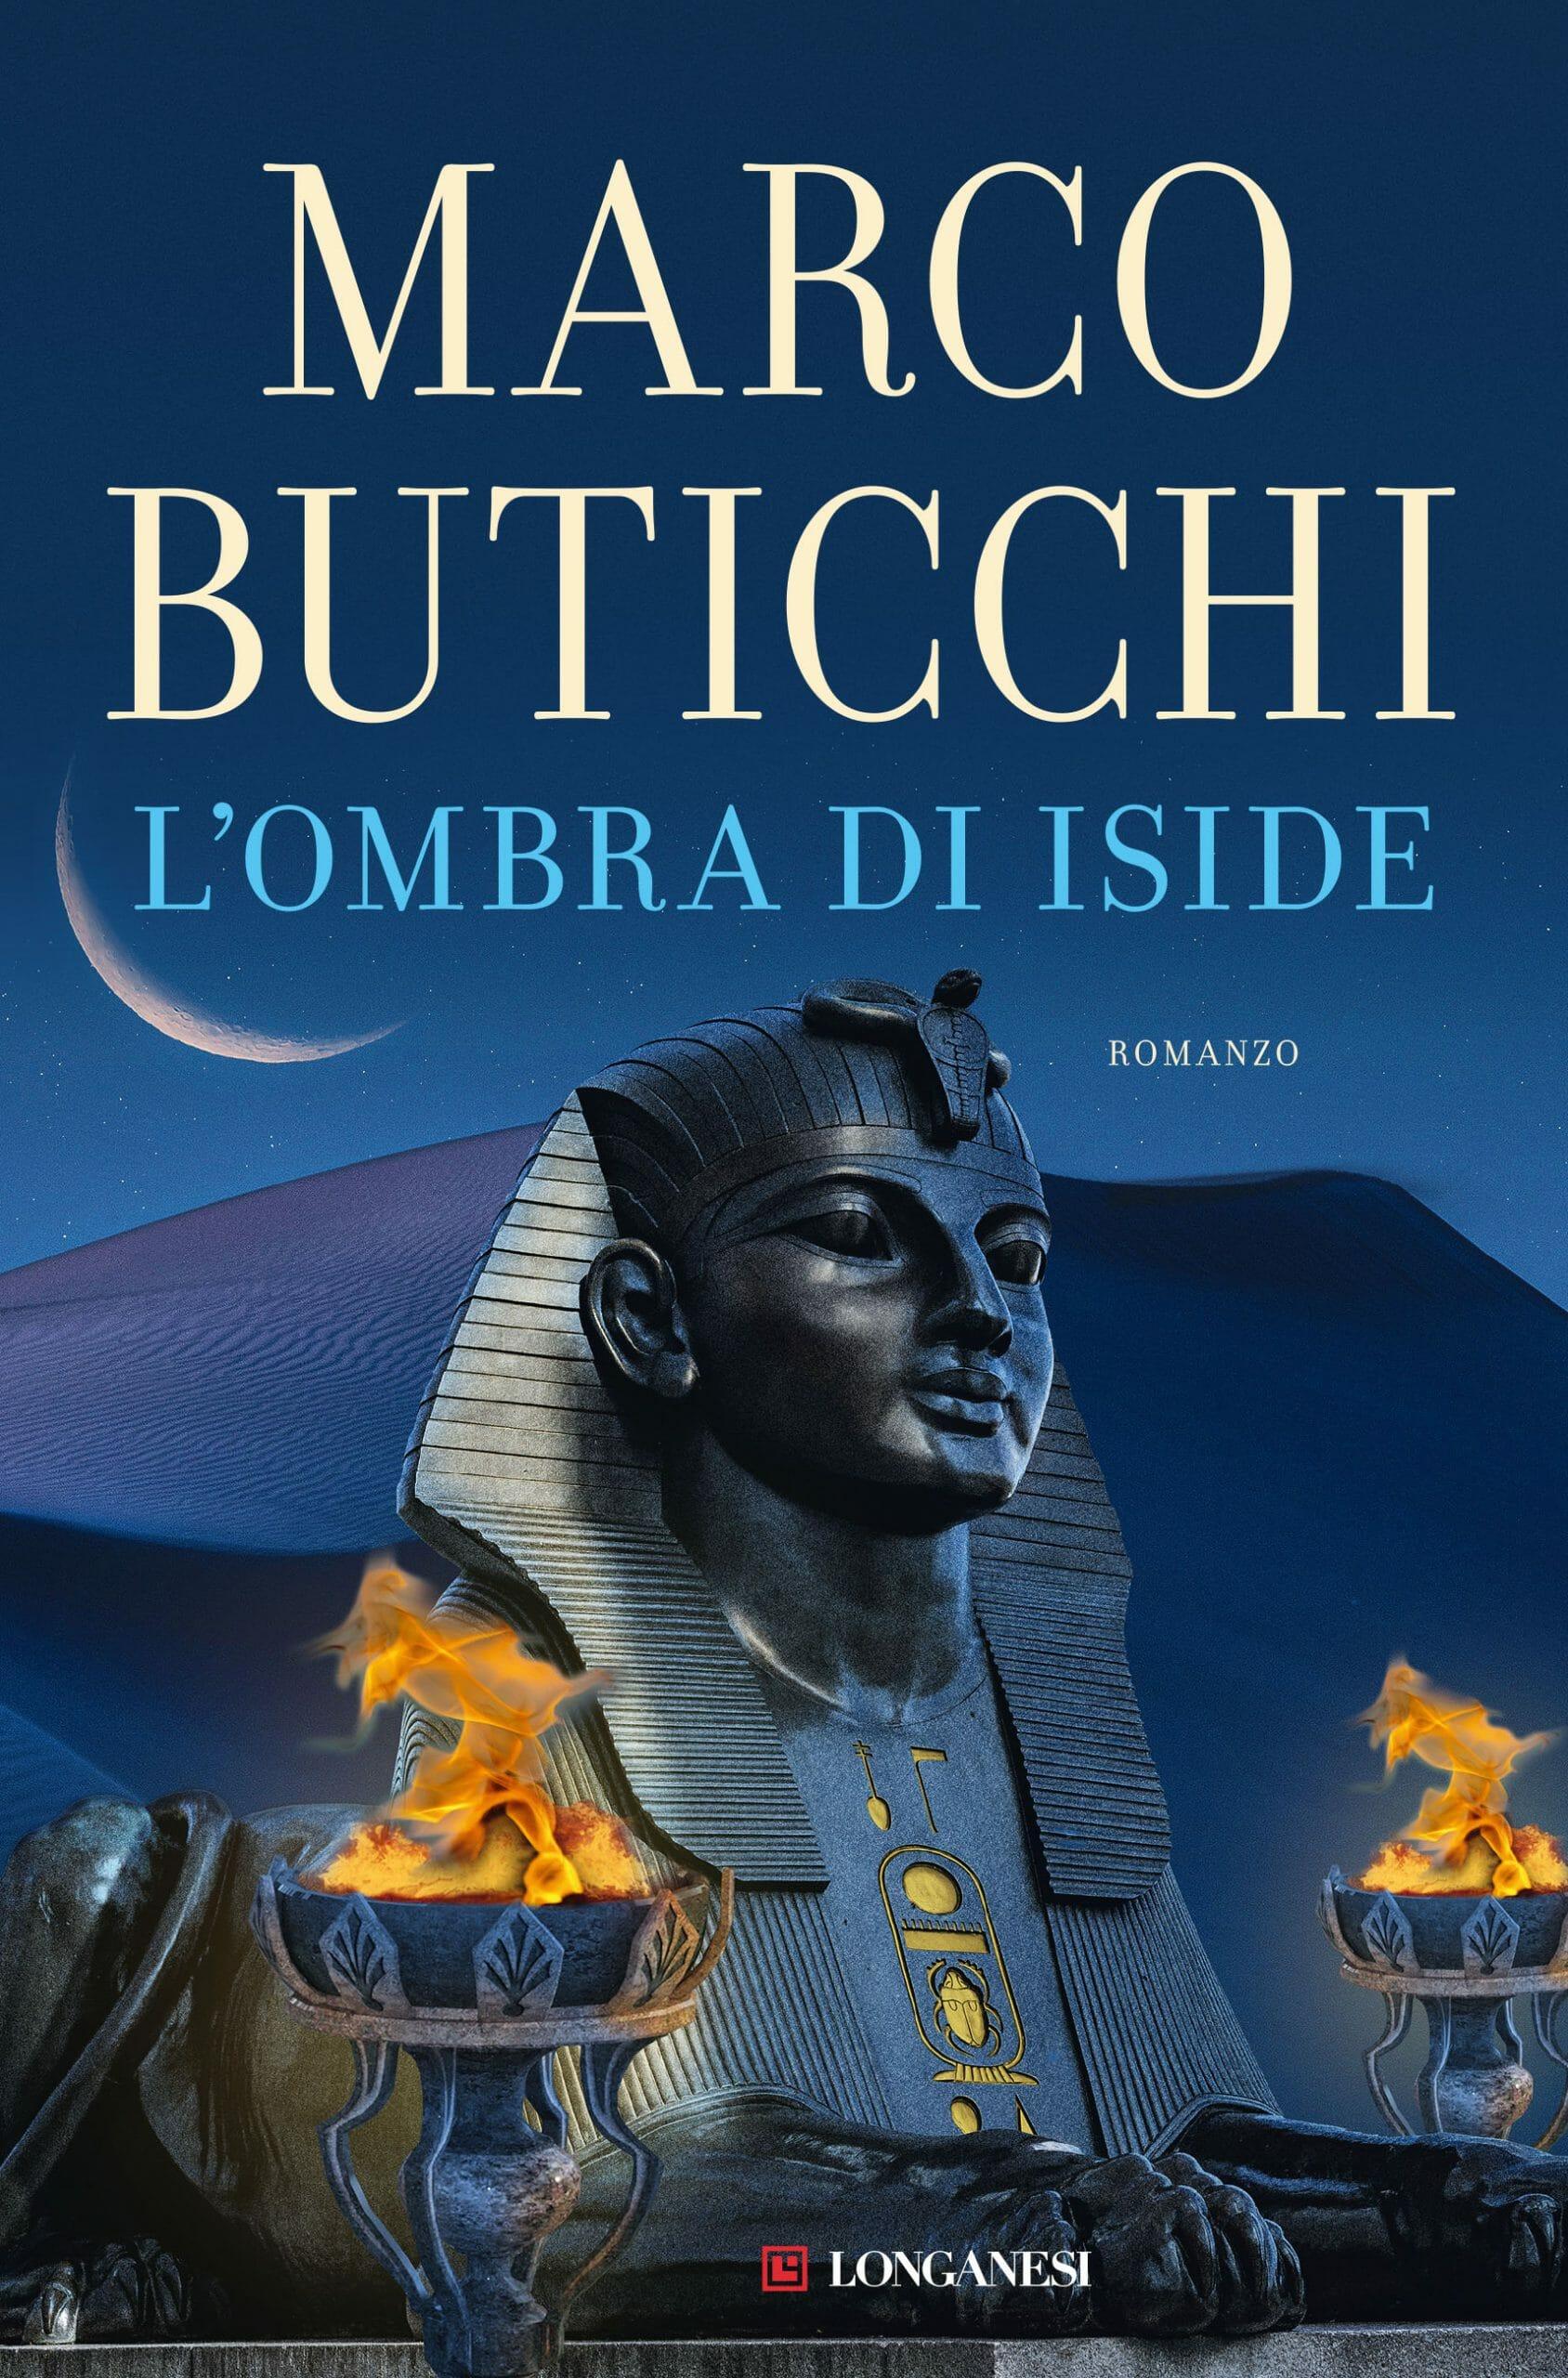 L ombra di iside Buticchi